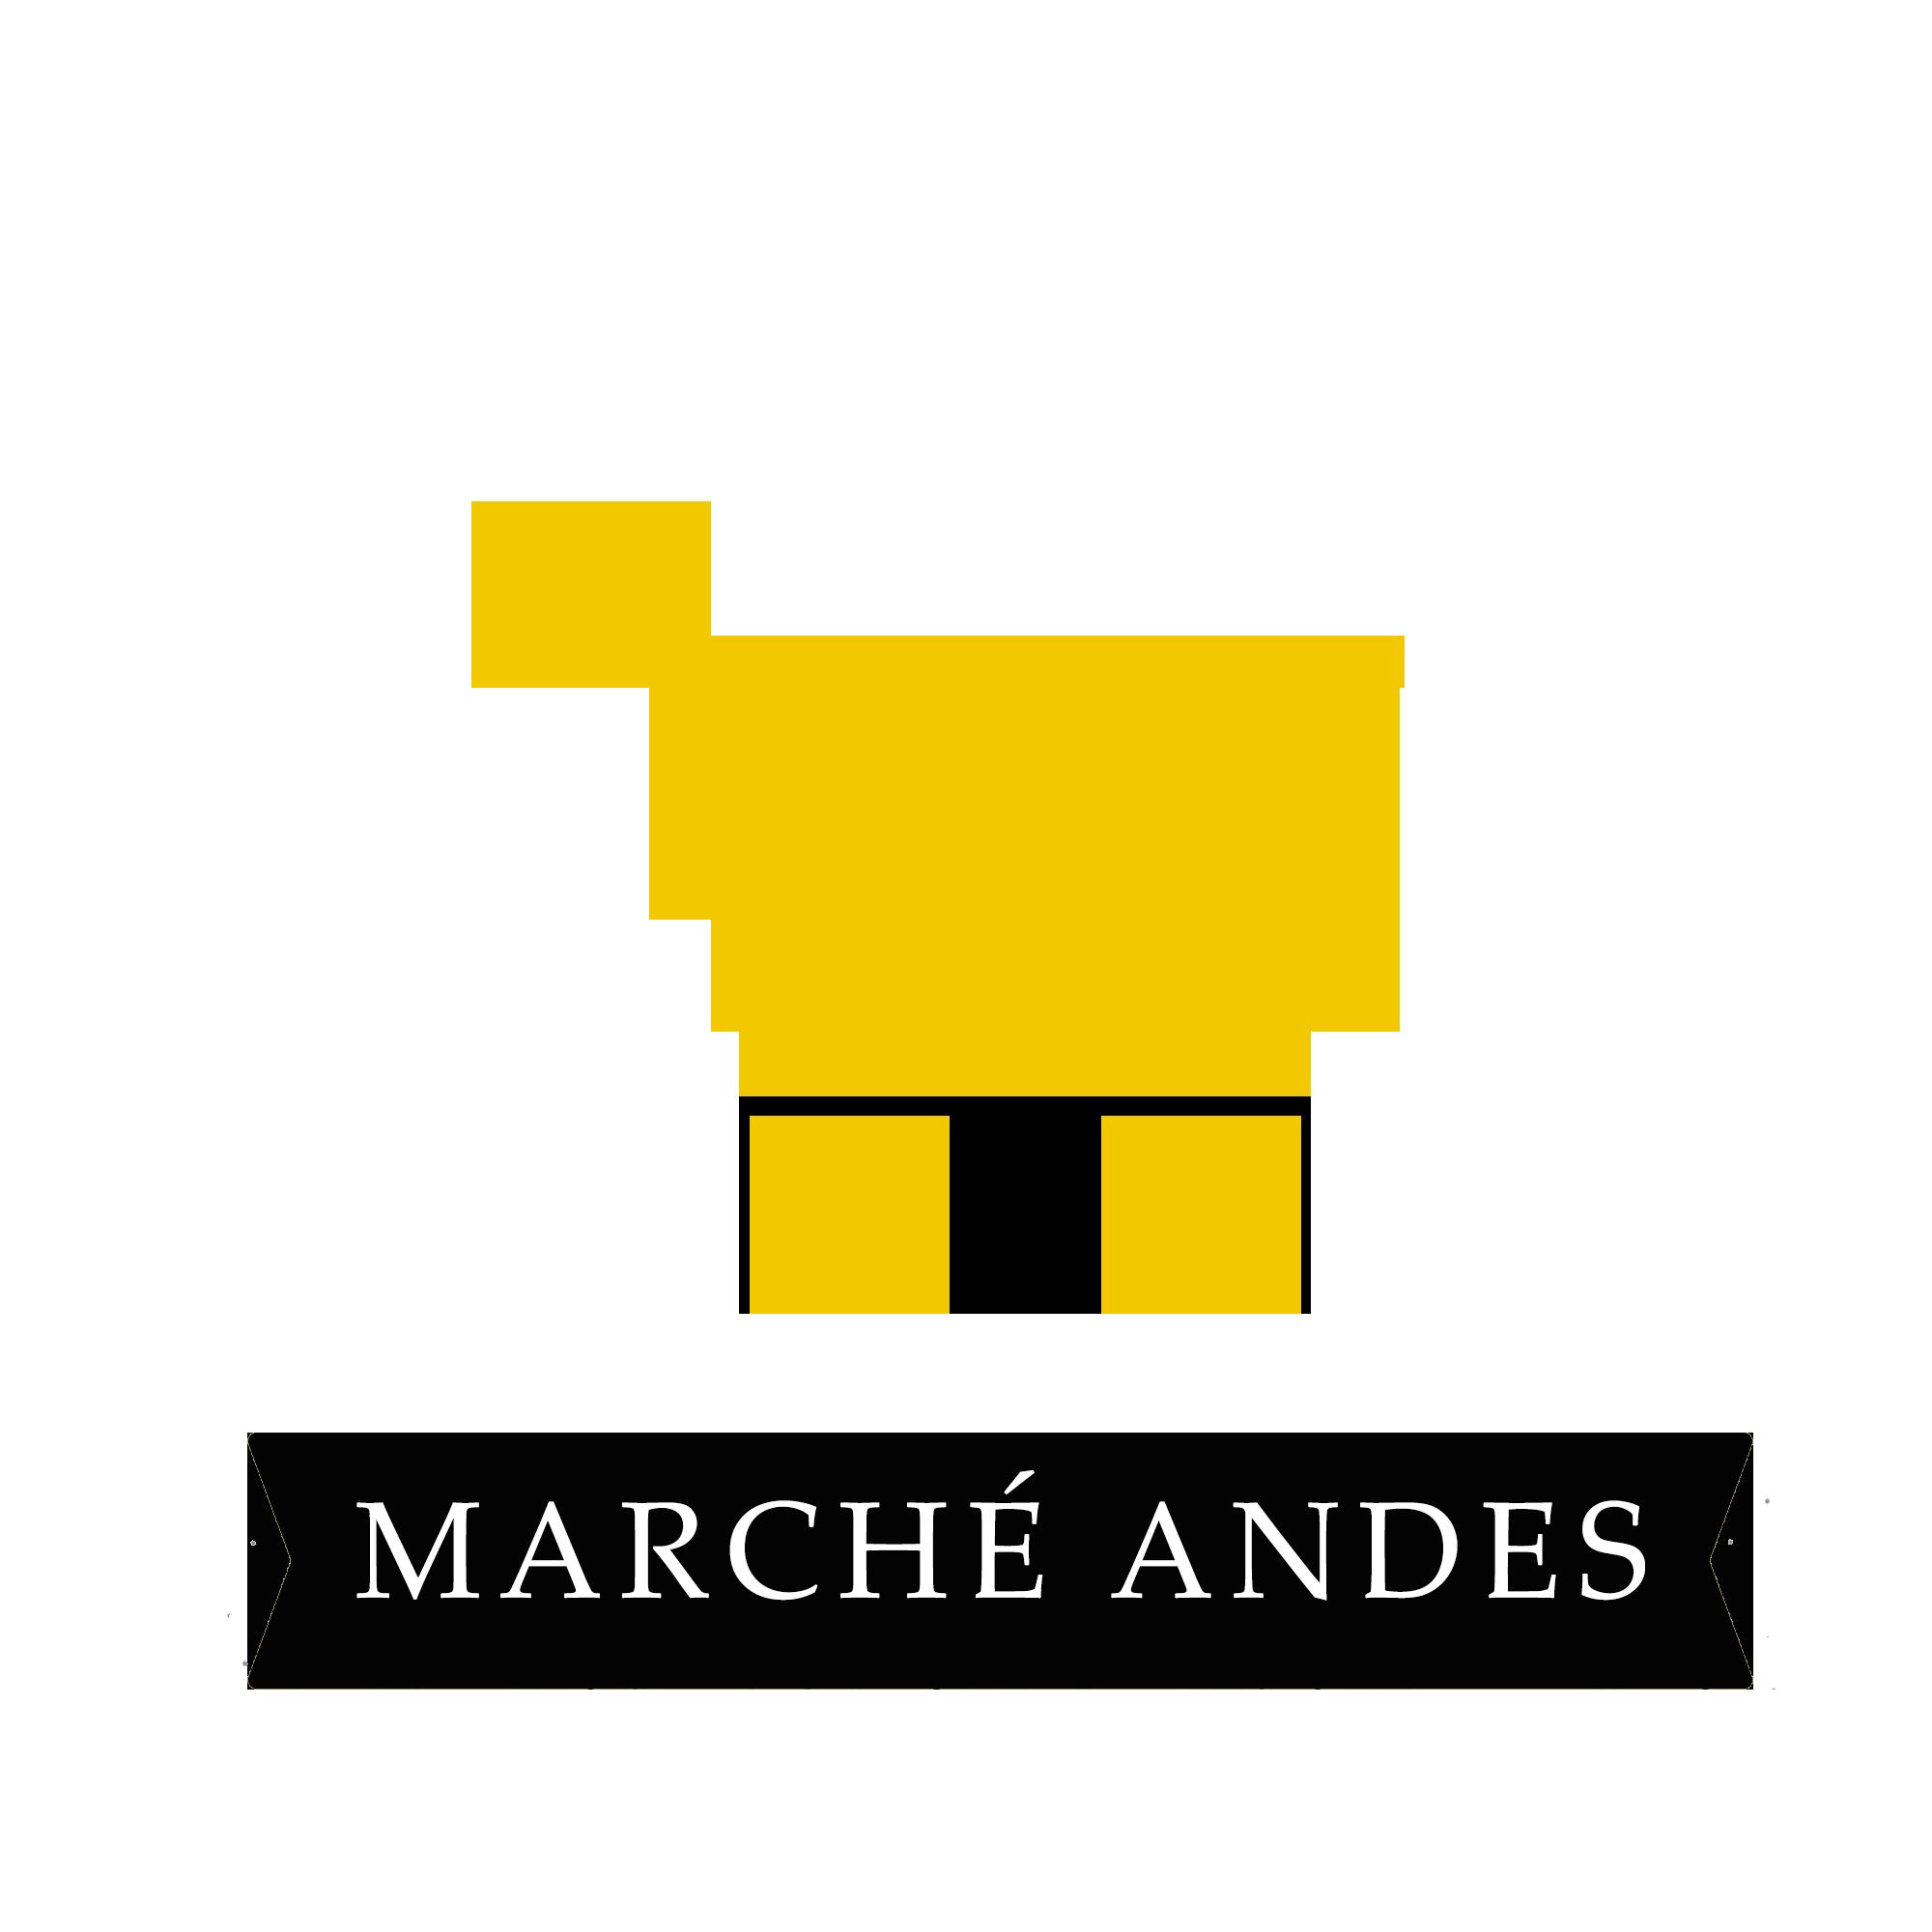 Marche Andes Mercado